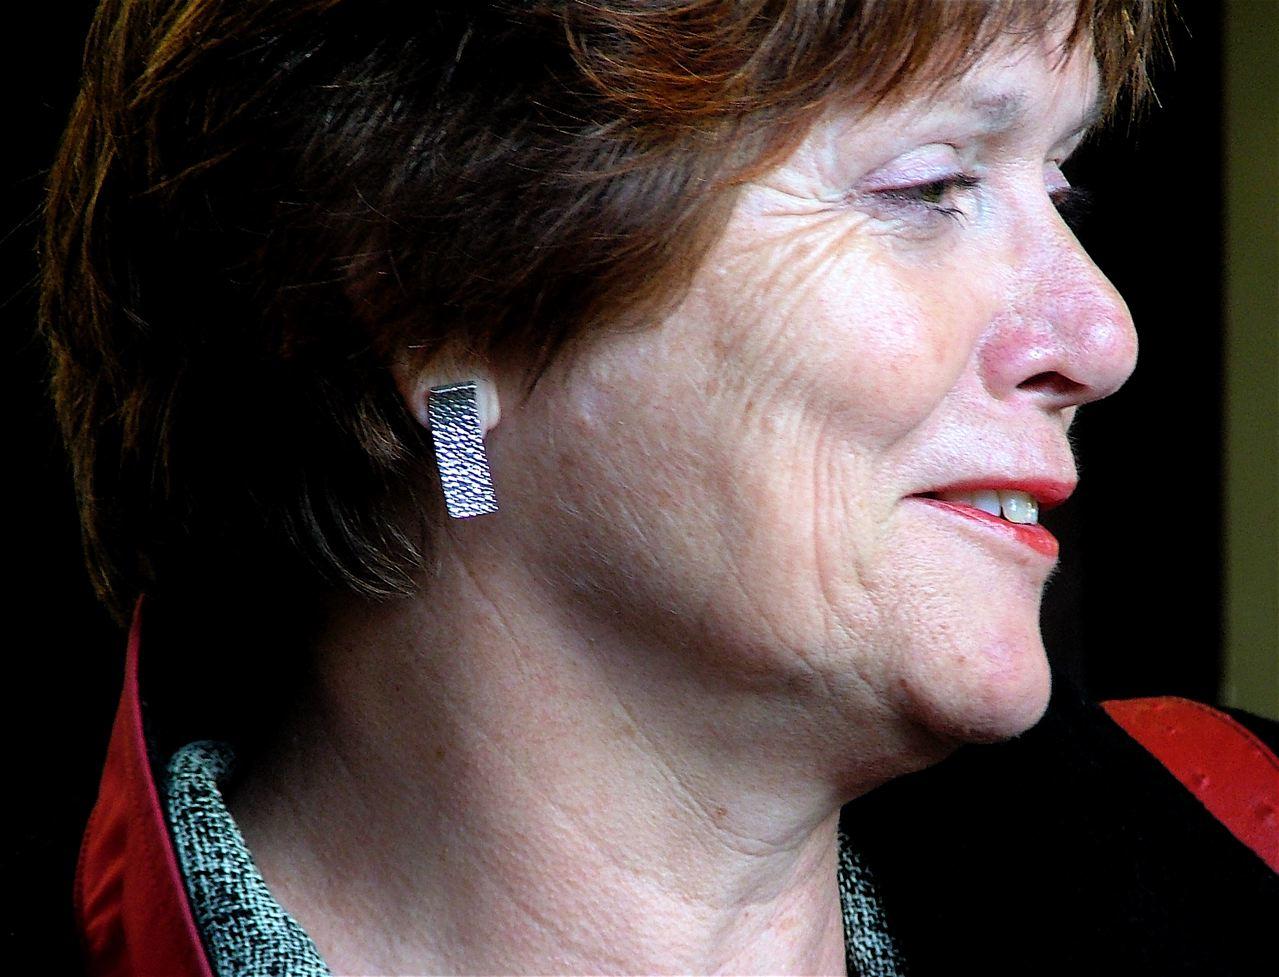 Former housing minister Ella Vogelaar dies after struggling with depression - DutchNews.nl